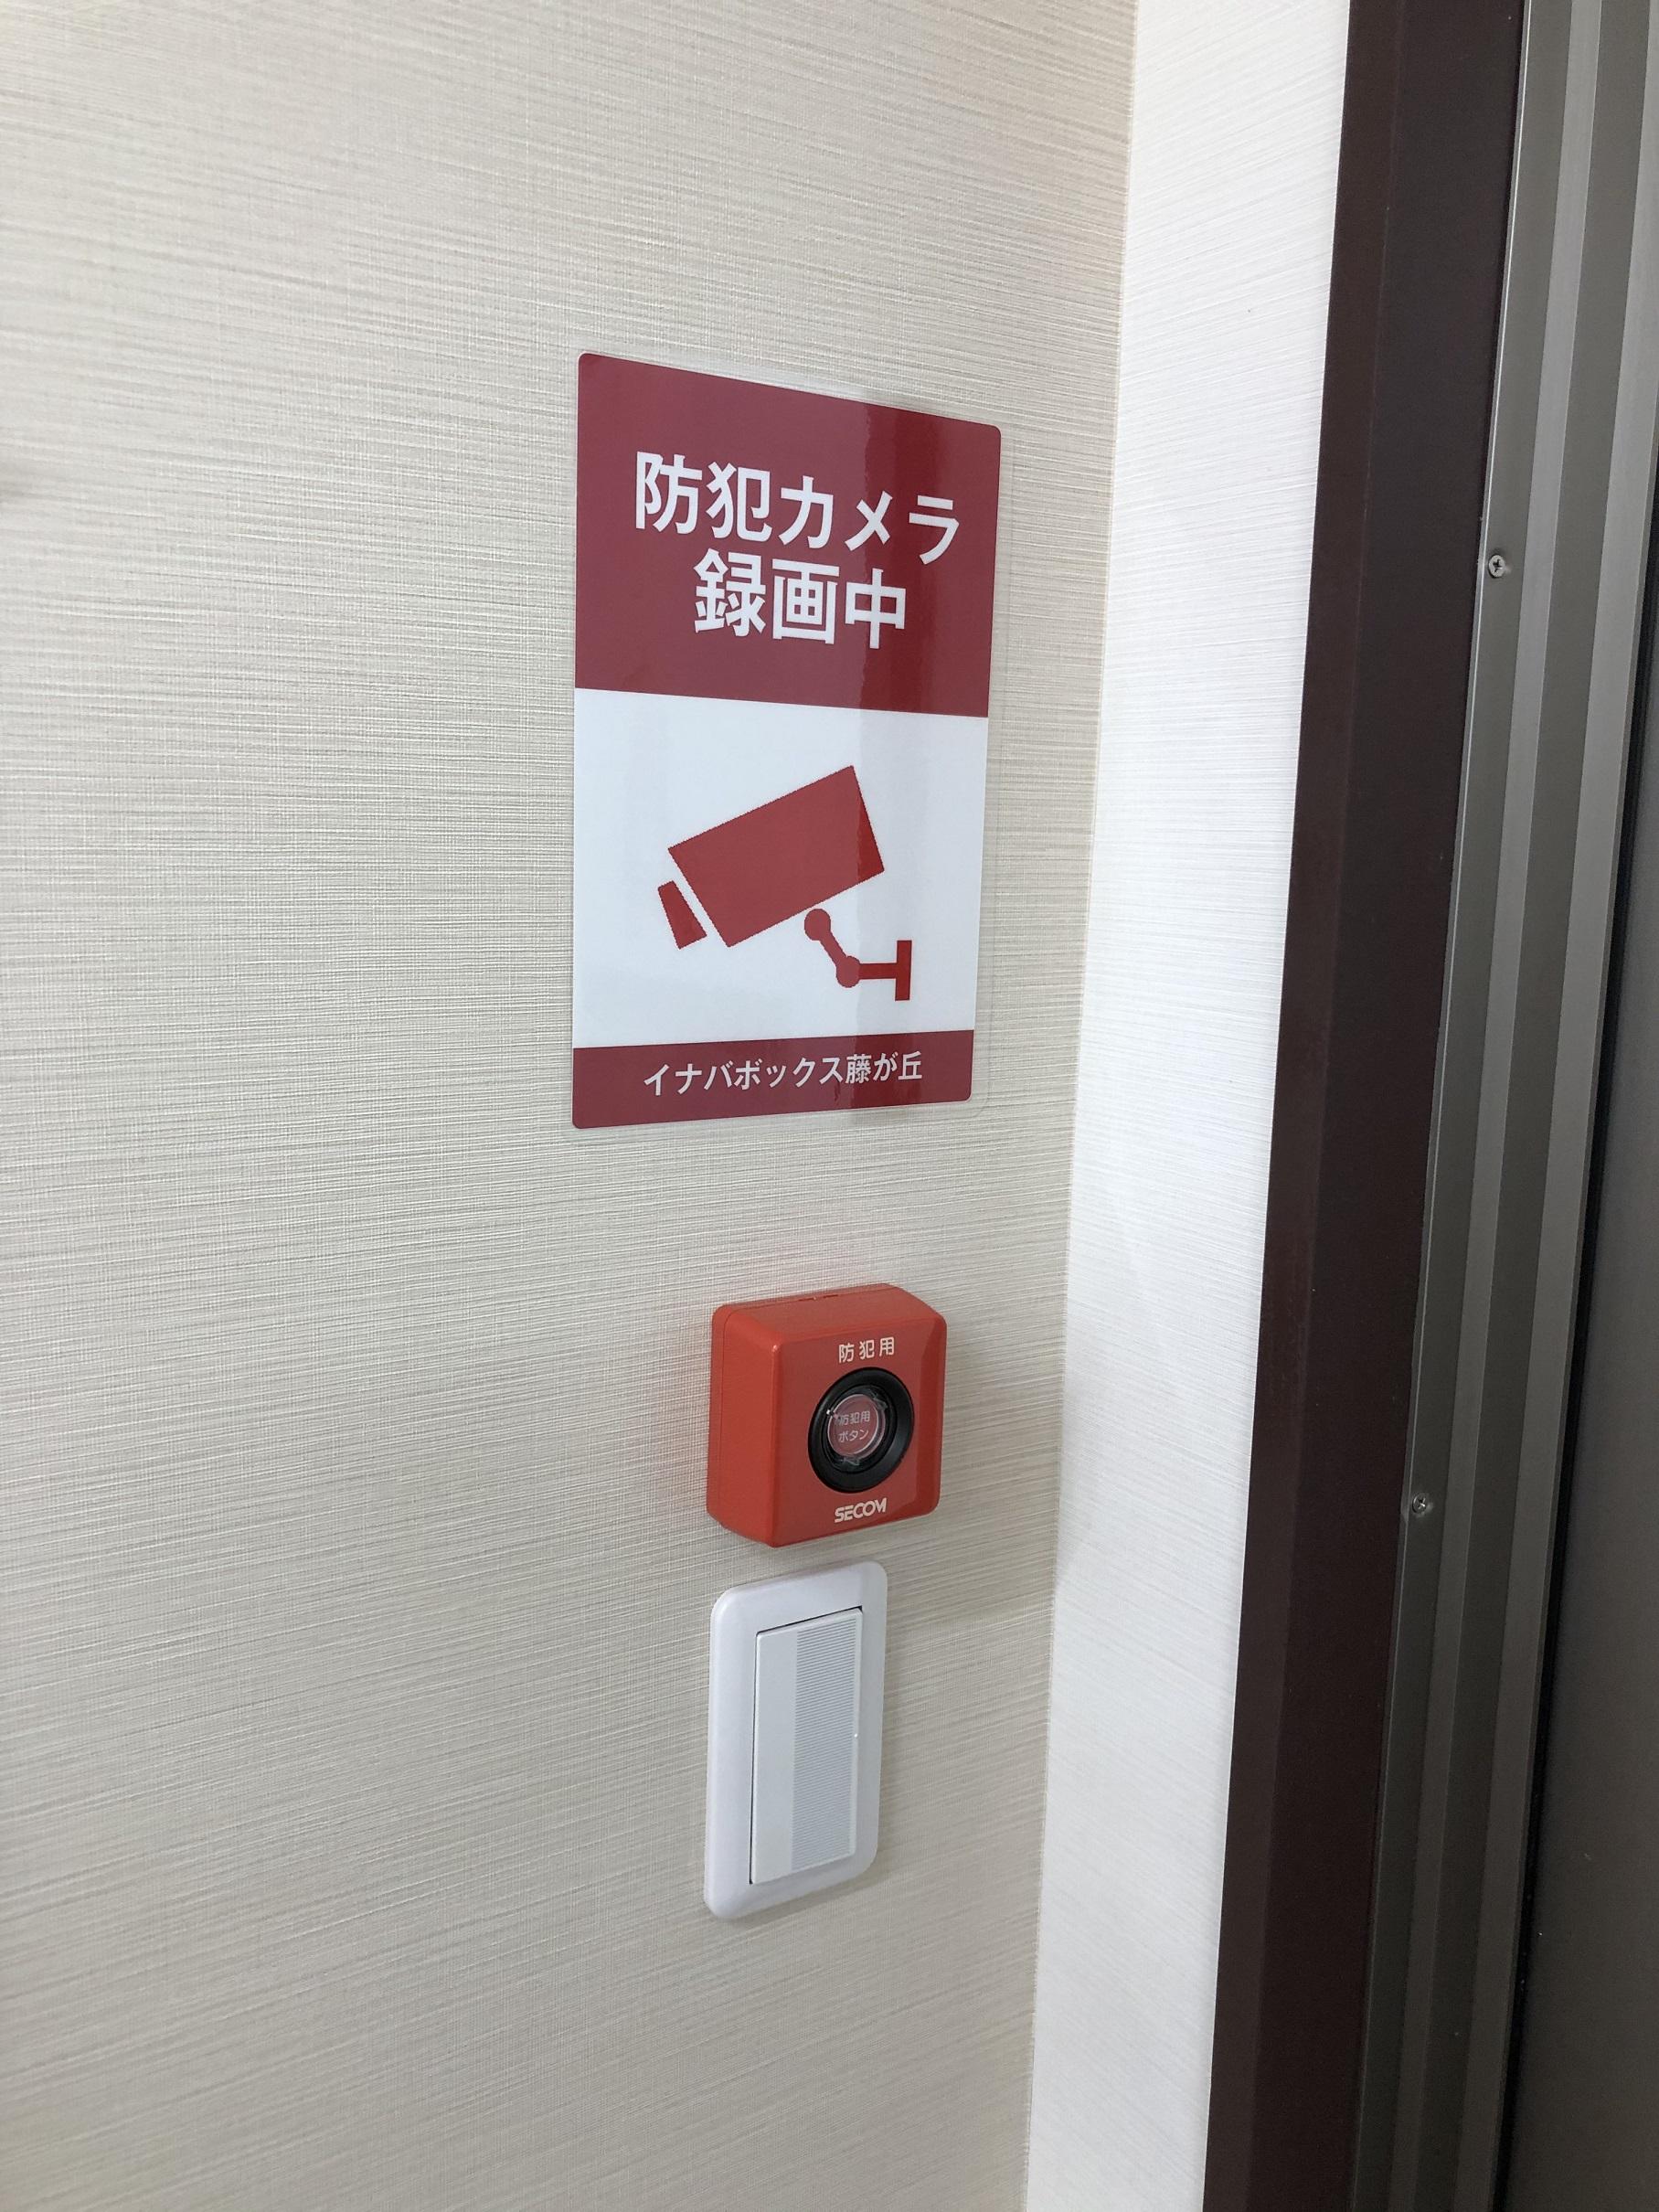 イナバボックス レンタルルーム藤が丘店 各部屋非常ボタン完備